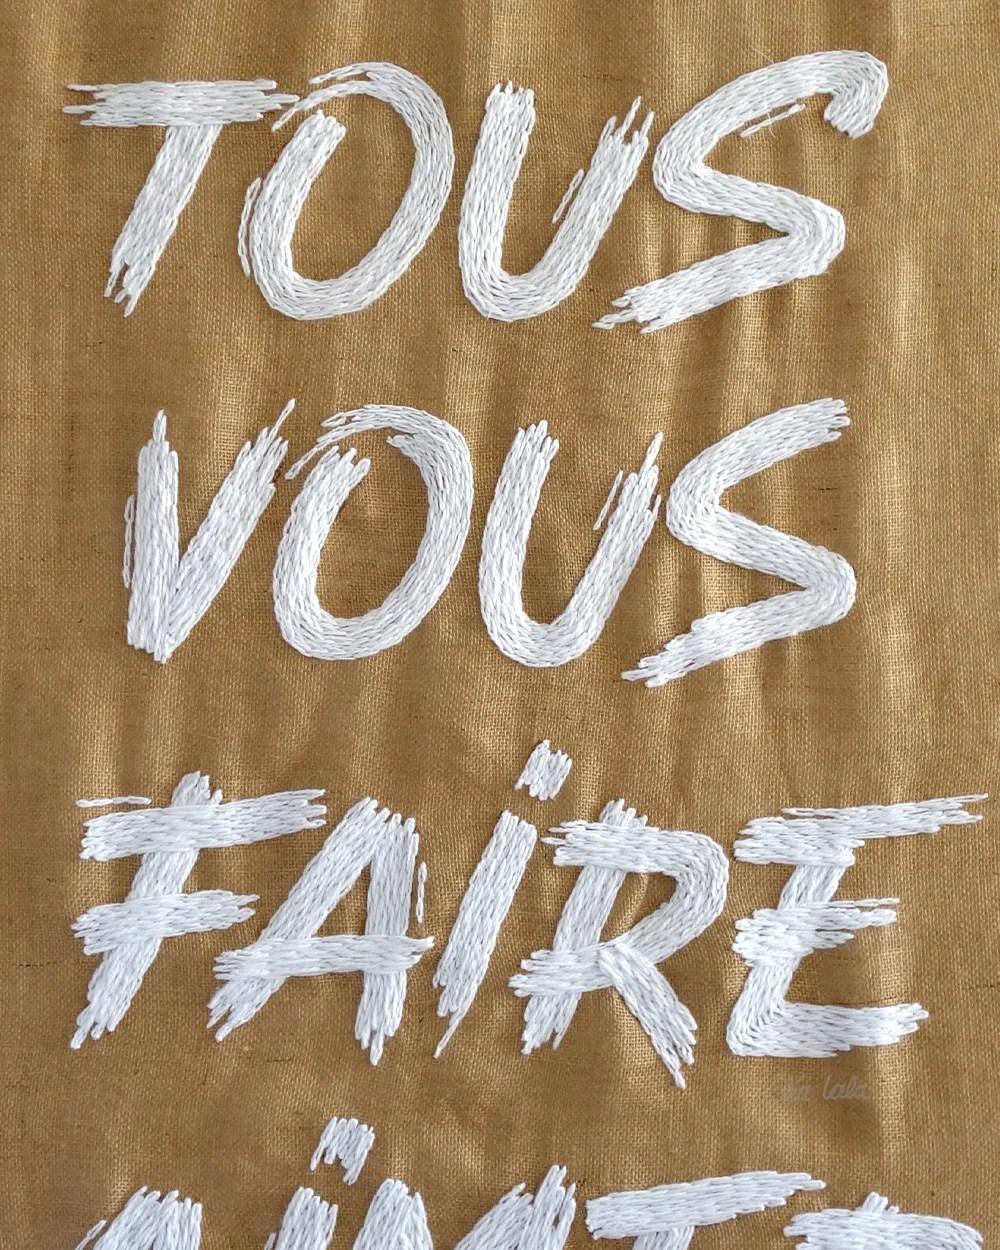 Allez Tous Vous Faire Aimer : allez, faire, aimer, ALLEZ, FAIRE, AIMER, Print, CLÉA